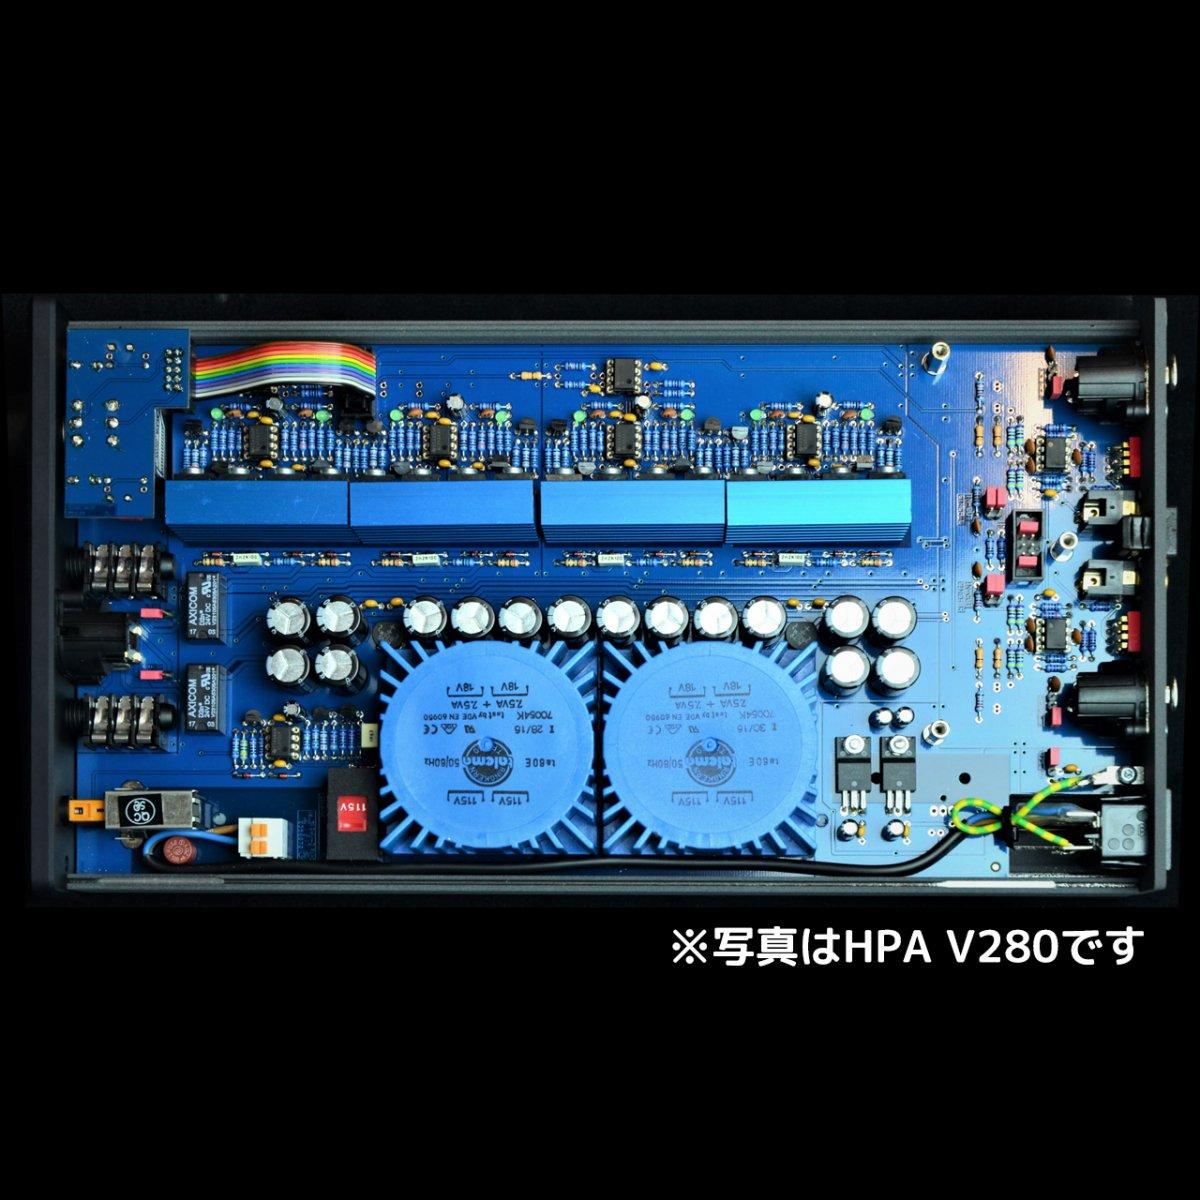 【ハンドメイドケーブル プレゼント!】 HPA V280-FE( V280 Final Edition )